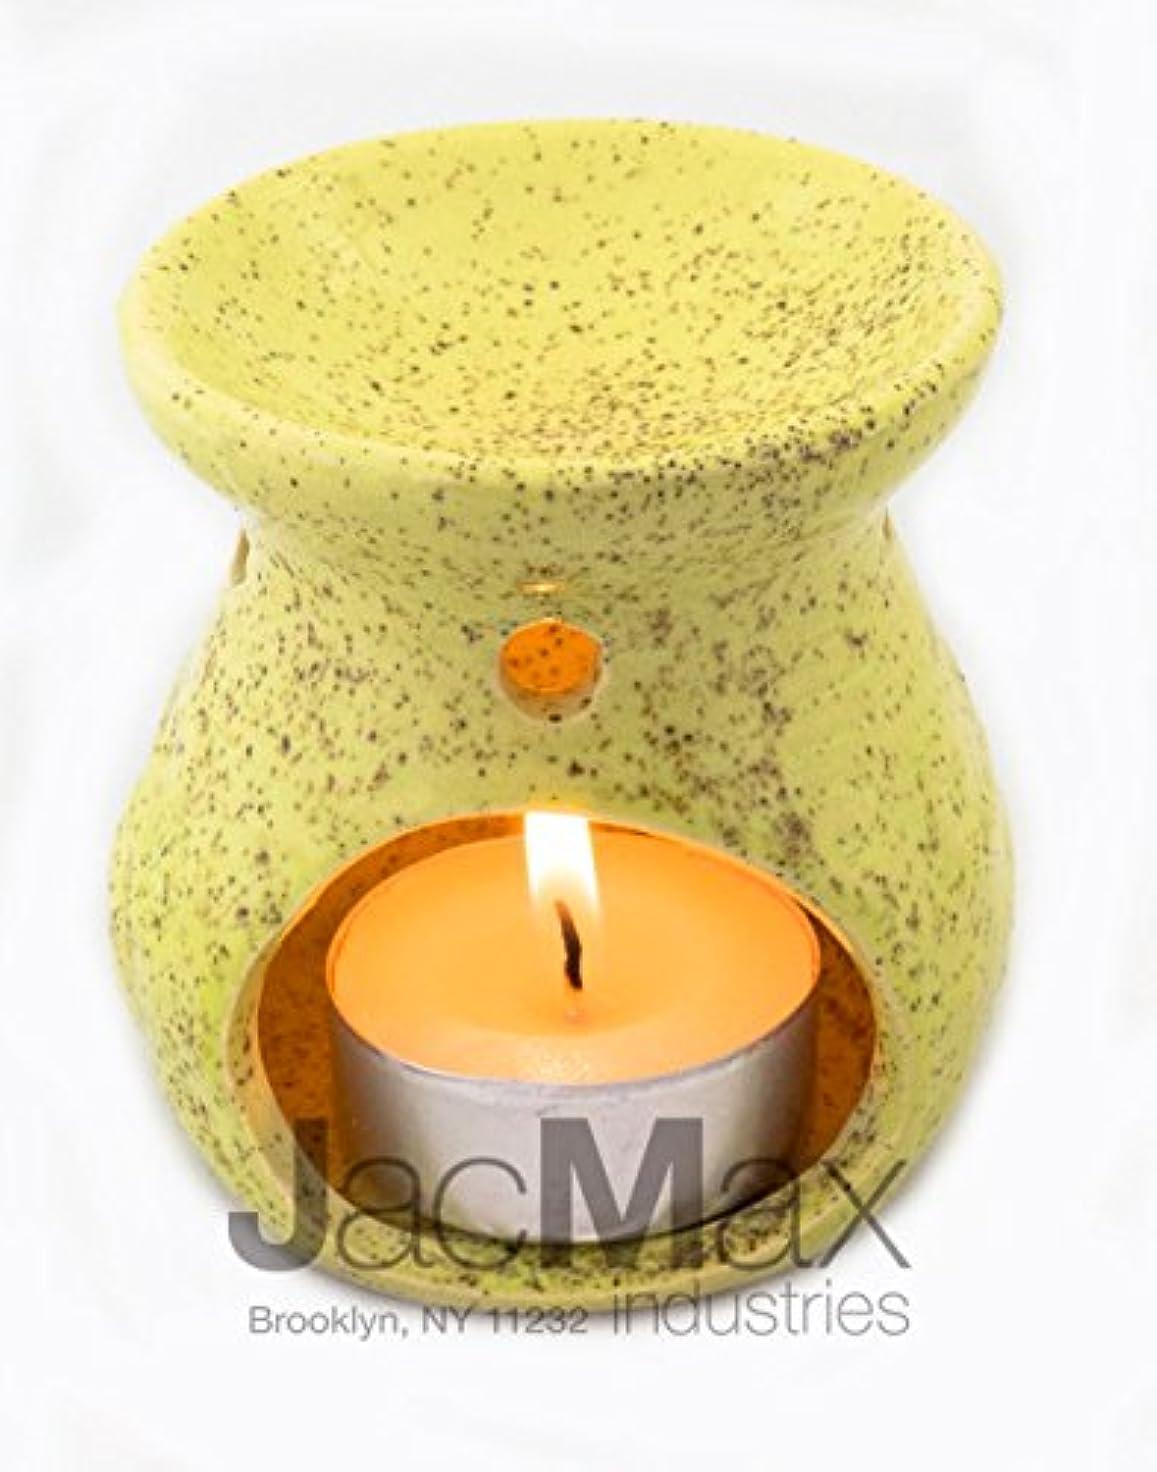 最も感性飽和するExpressive香りセラミックBurner for Oil andワックスMelts – Fragrance Oil Warmerランプイエロー26 – 17